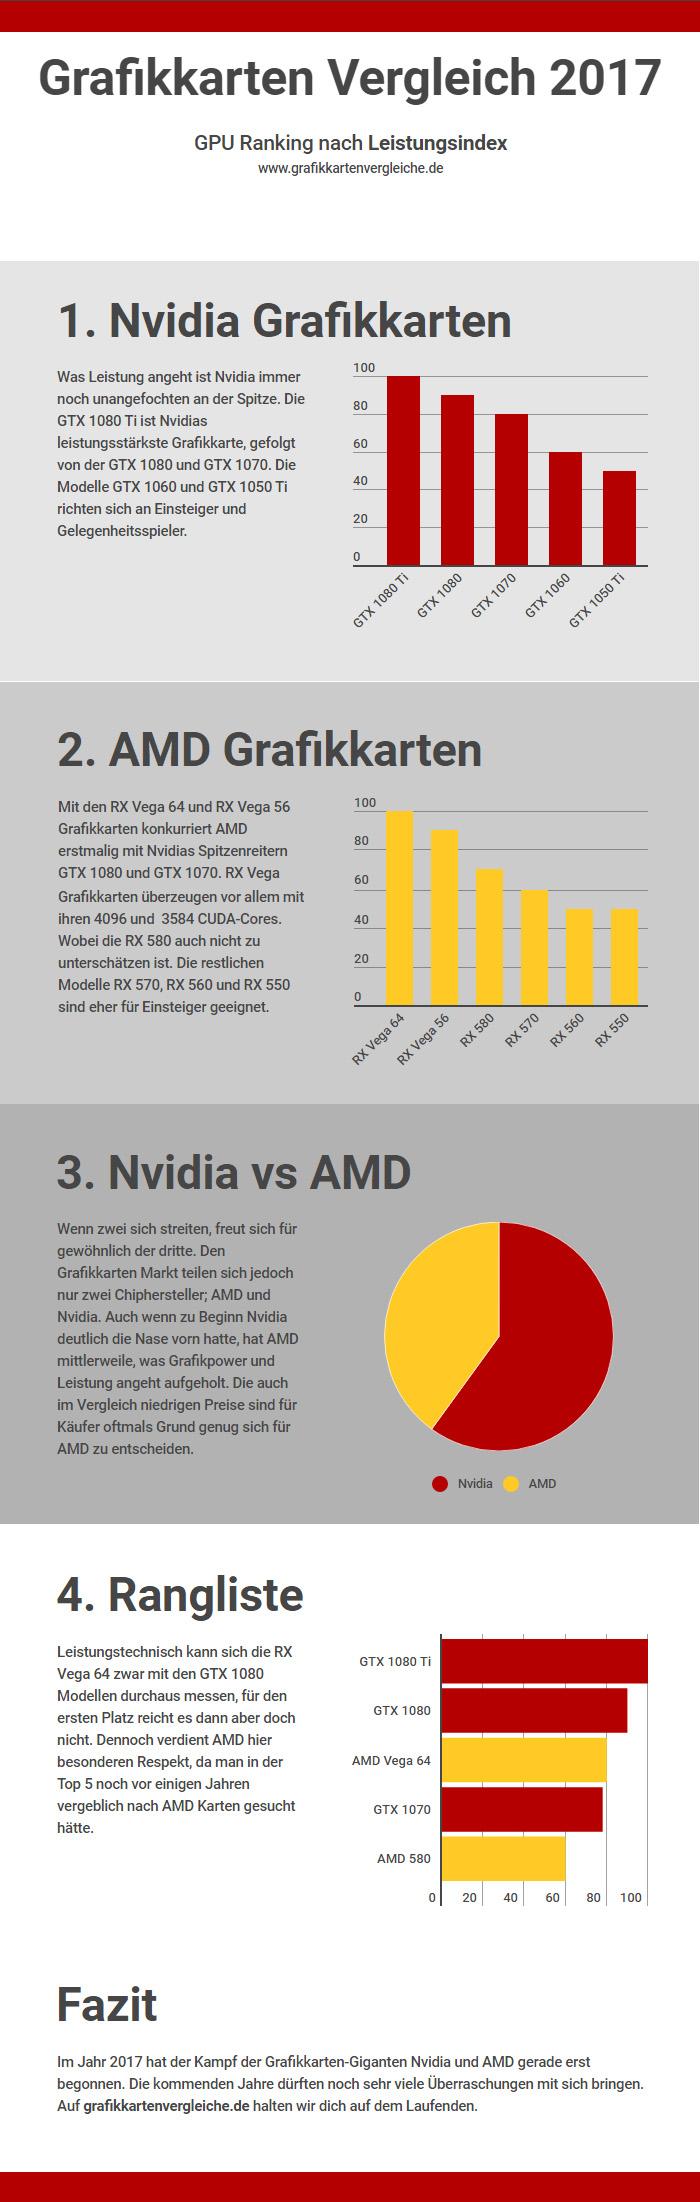 Grafikkarten Infografik Leistungsindex